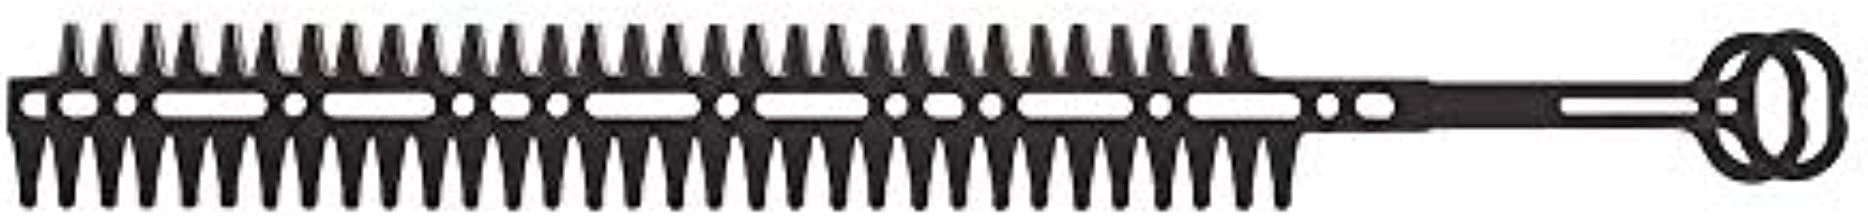 Hedge Trimmer Blade Set for Stihl HS45 18